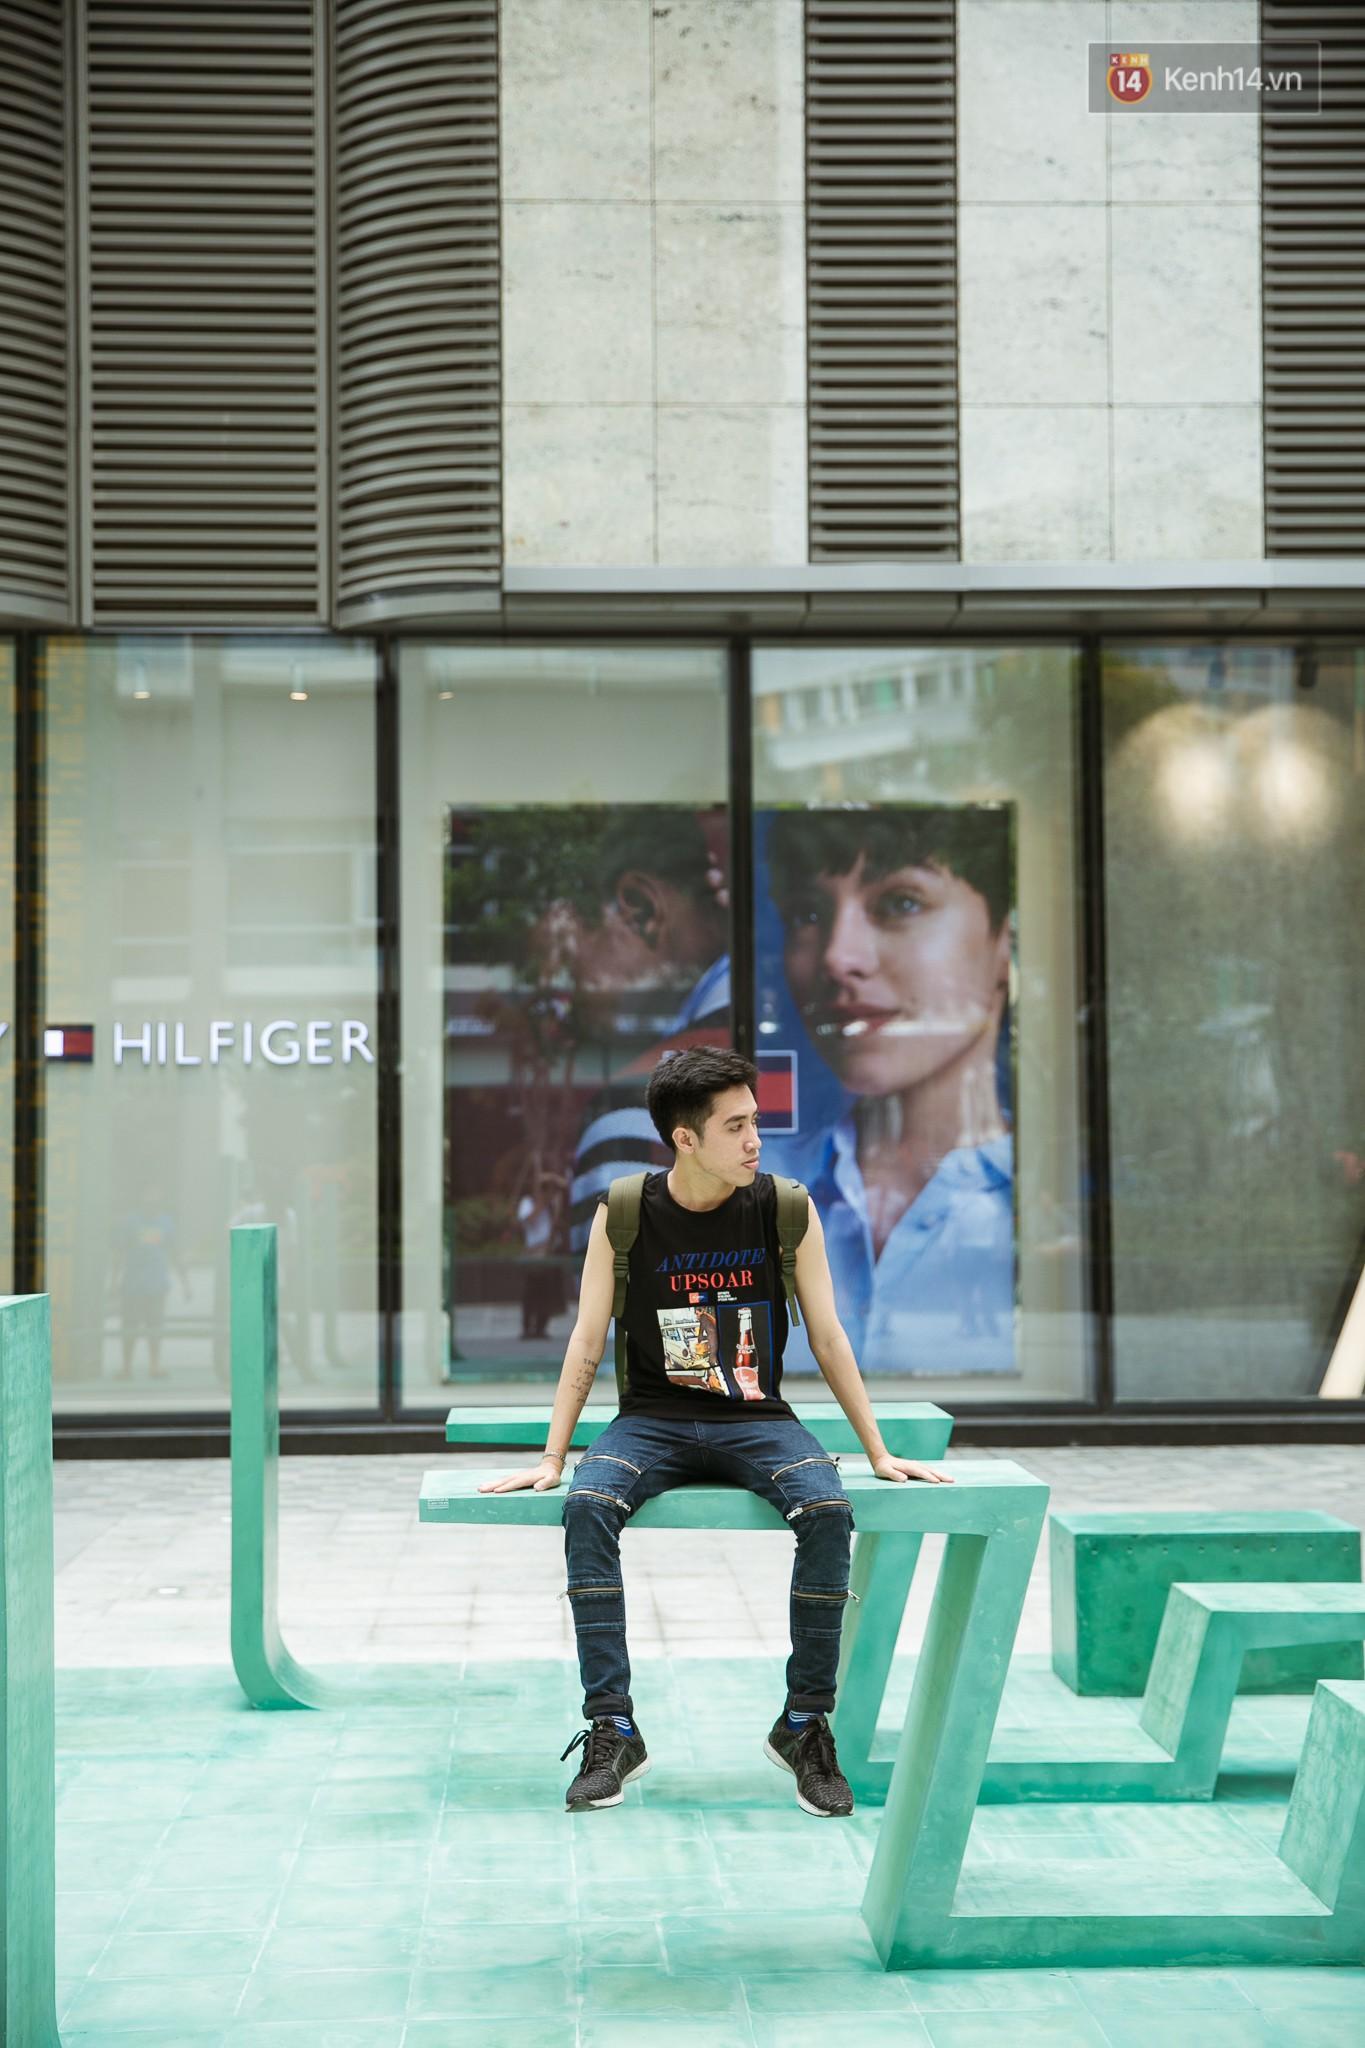 10 lí do khiến Landmark 81 chắc chắn sẽ trở thành thiên đường ăn chơi mới của giới trẻ Sài Gòn - Ảnh 35.